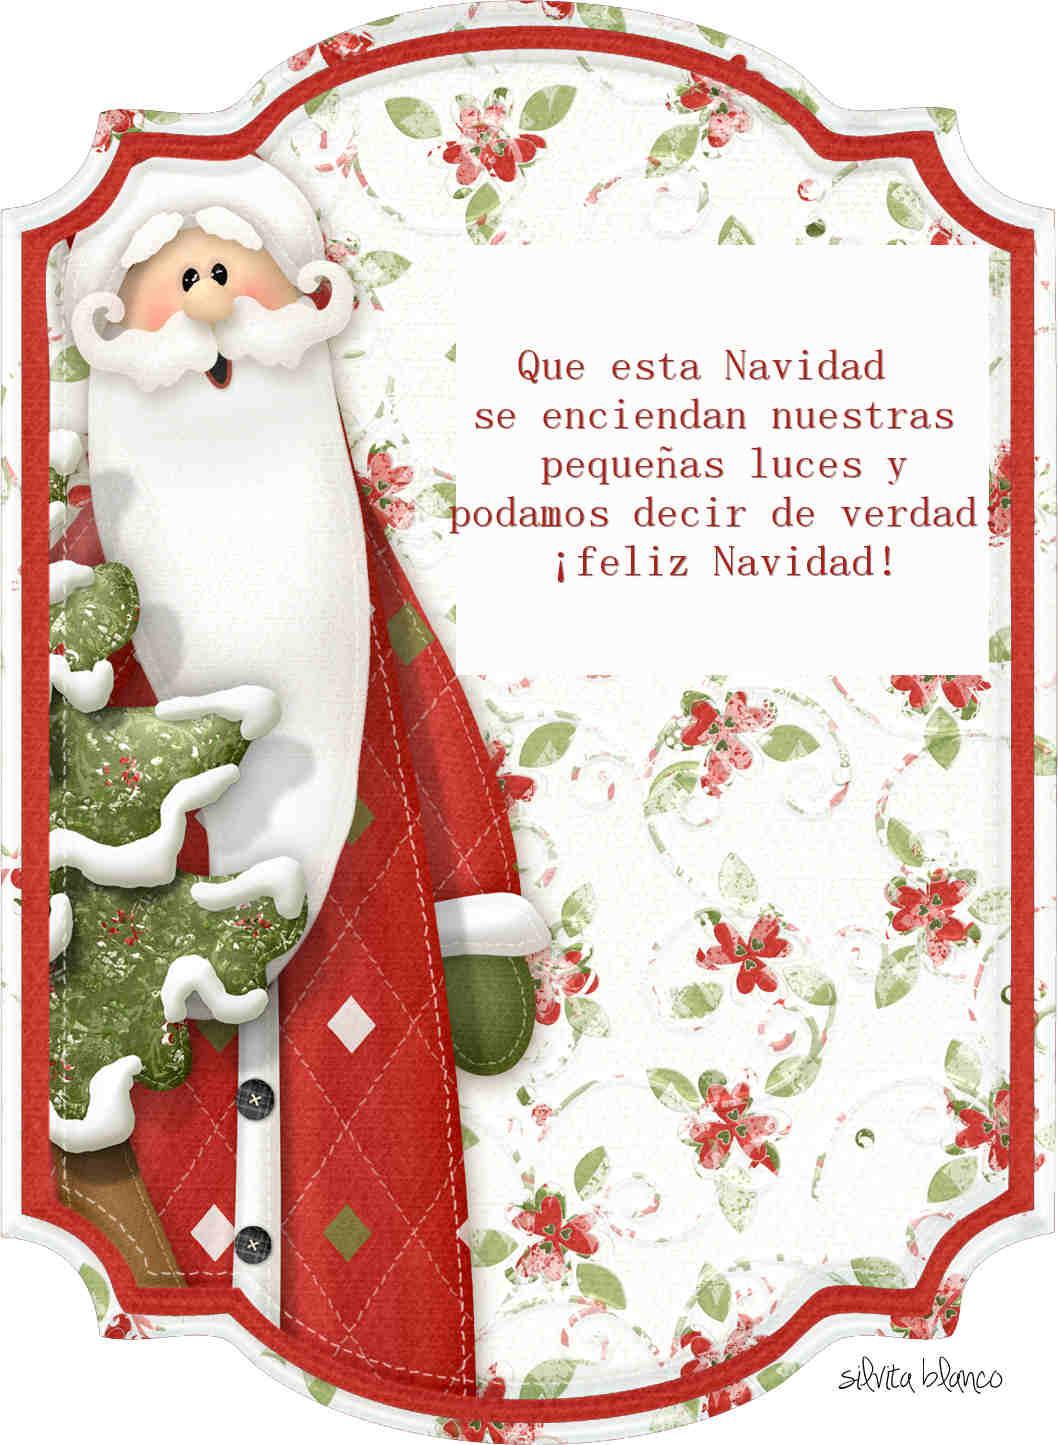 Im genes para whatsapp con frases para la navidad for Cosas artesanales para navidad